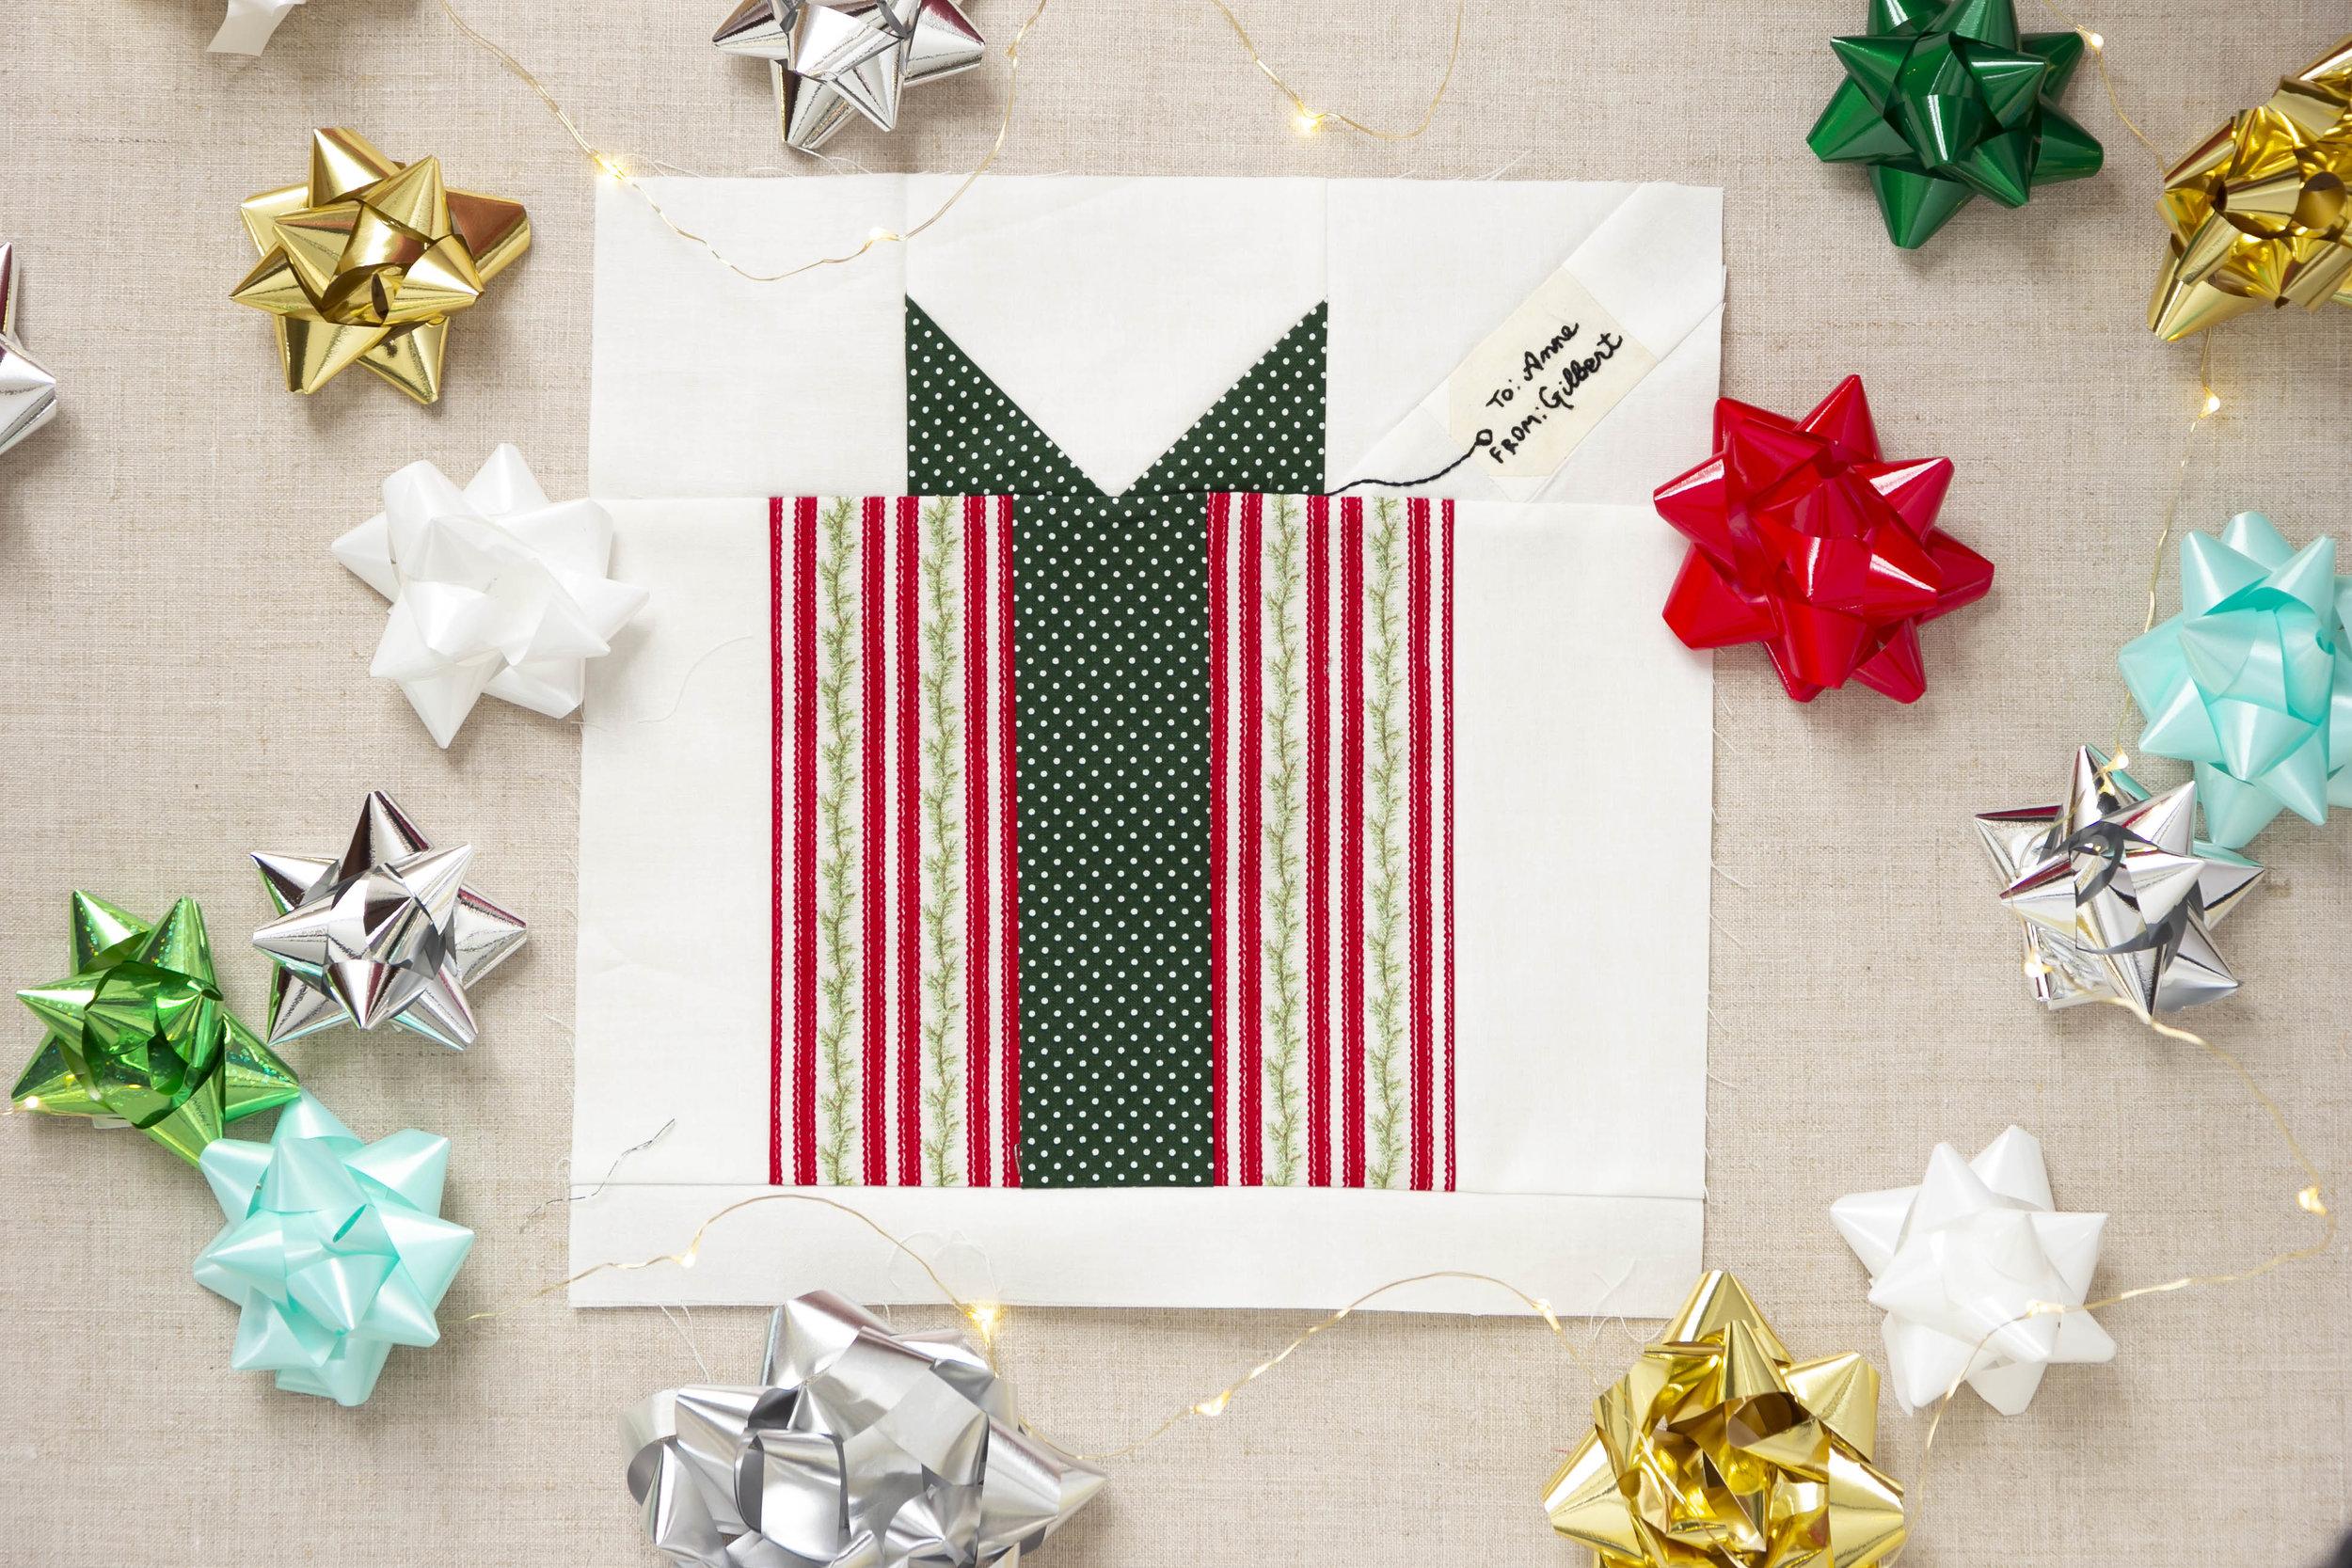 Christmas_Anne_of_Green_Gables_quilt_2018112913.jpg